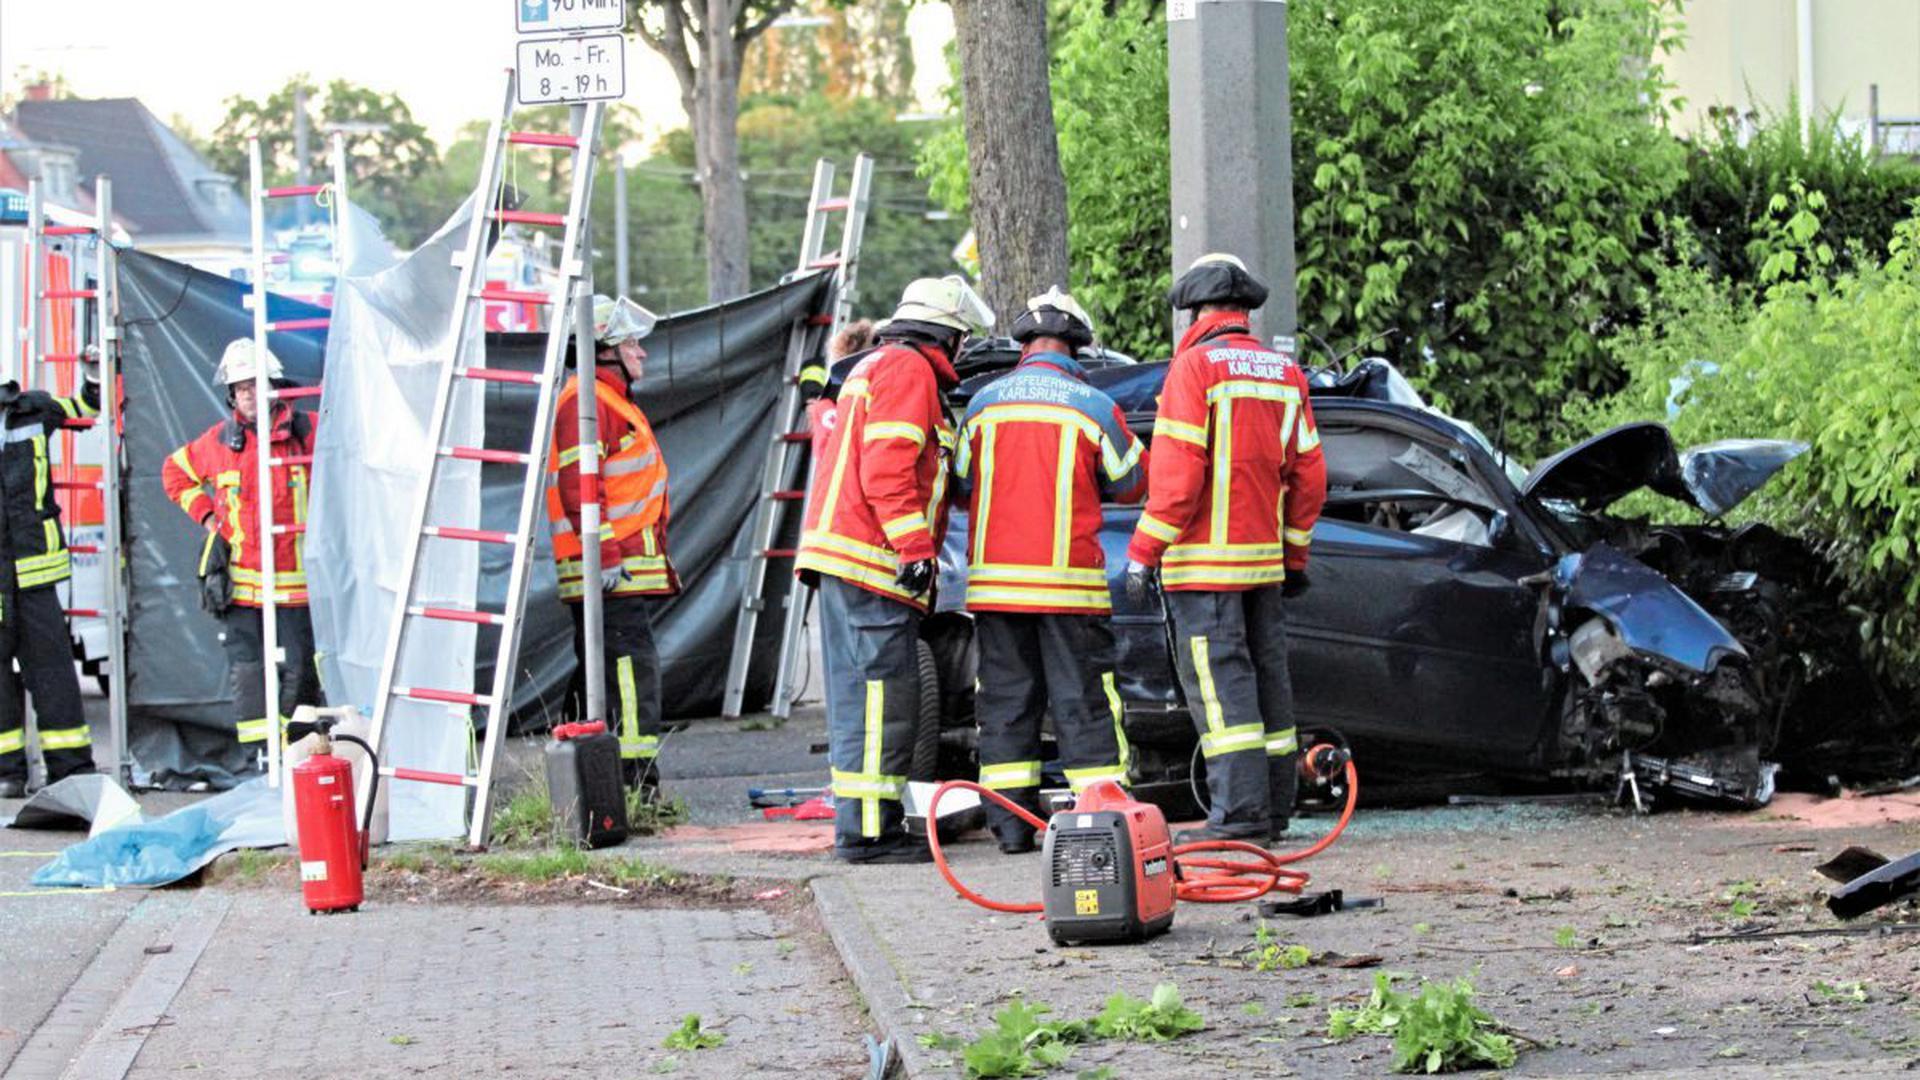 Bei dem tödlichen Unfall am Donnerstagabend in Karlsruhe-Grünwinkel sind ein 60-jähriger Mann und eine 52 Jahre alte Frau gestorben.